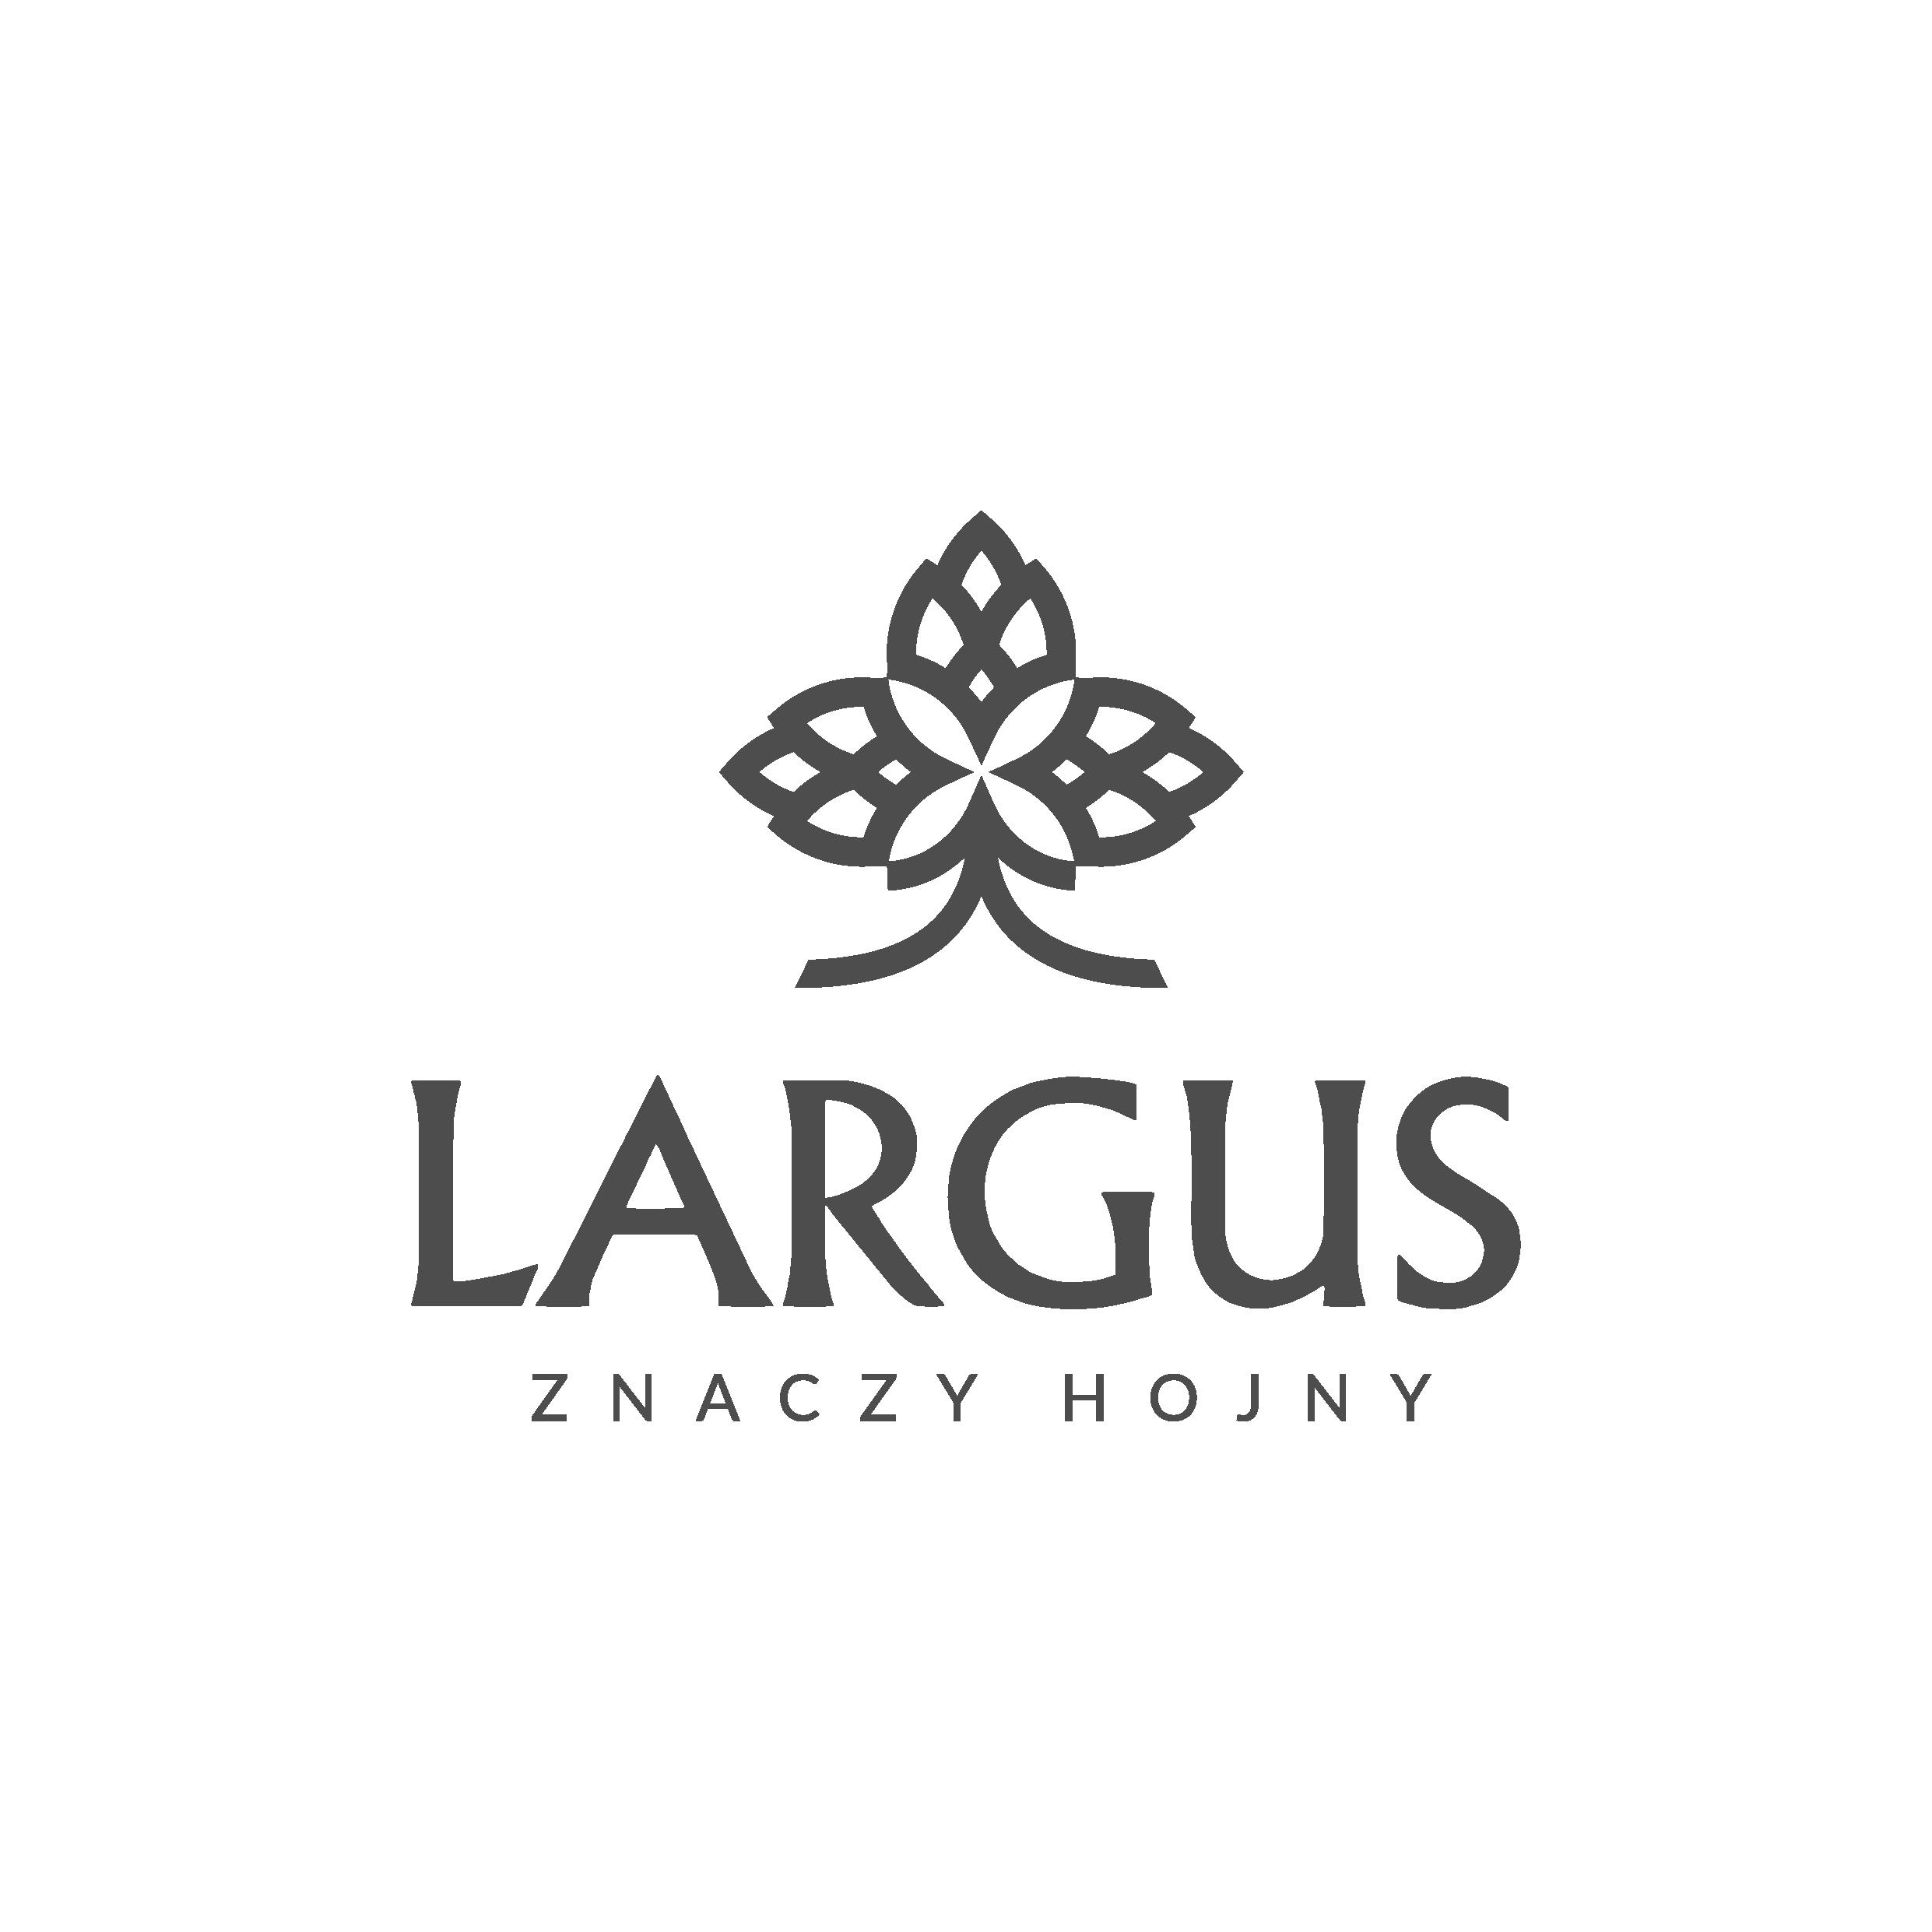 Largus - znaczy hojny